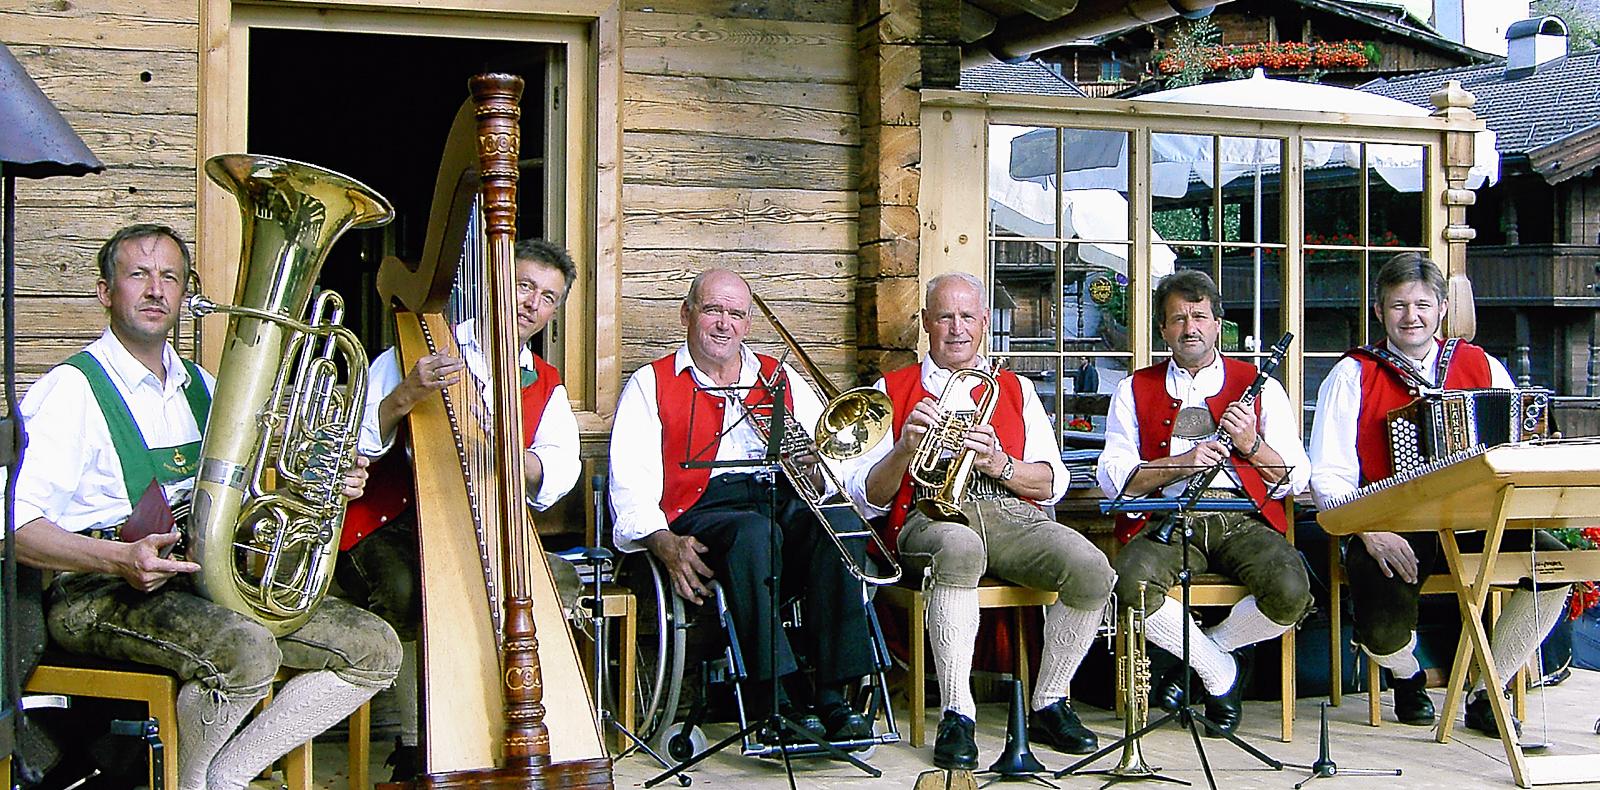 Tiroler Kirchtagsmusig